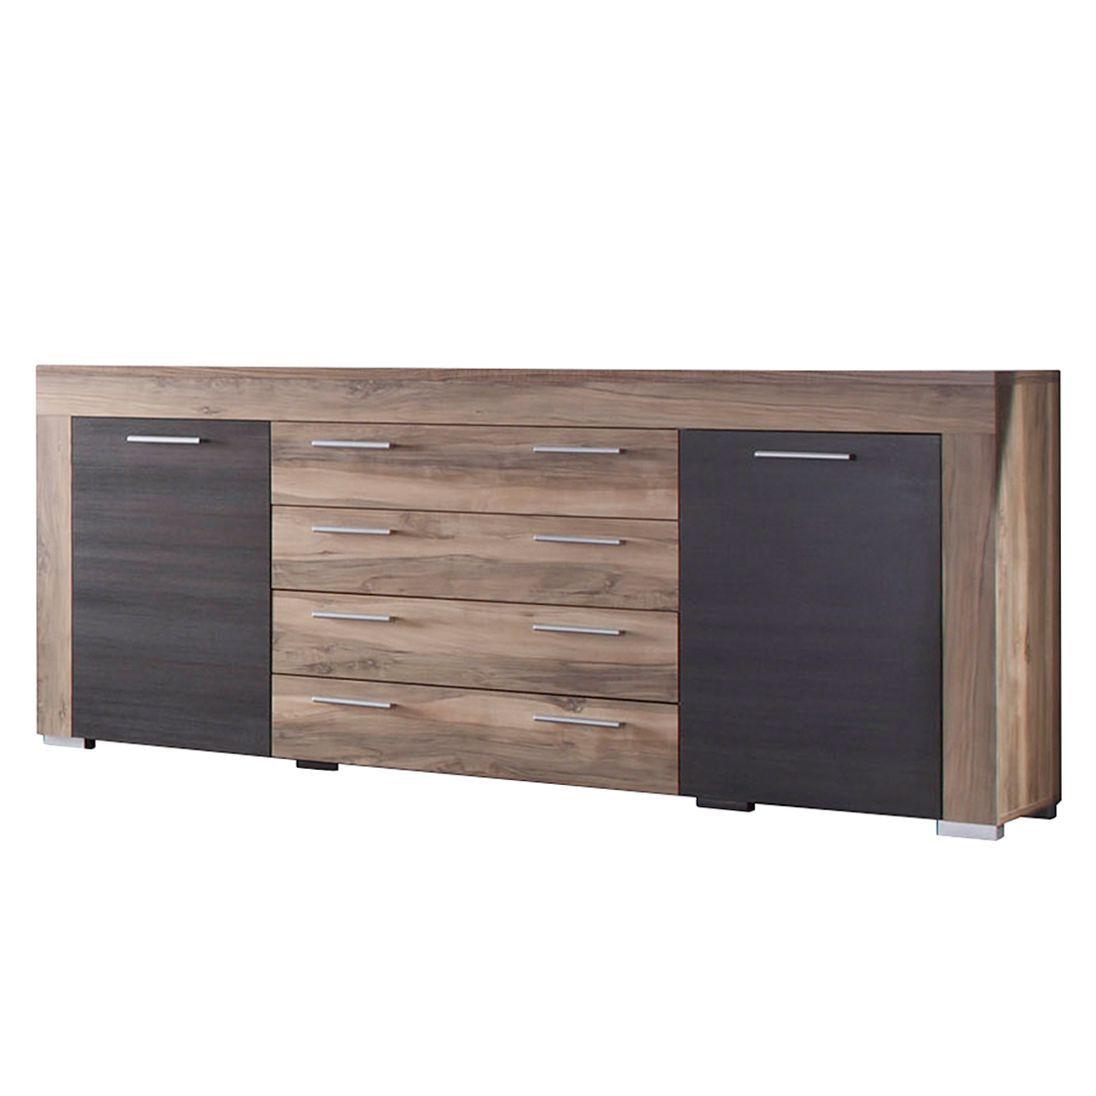 Sideboard nussbaum  Sideboard Bang - Nussbaum-Satin/Dunkelbraun-Touchwood Dekor ...